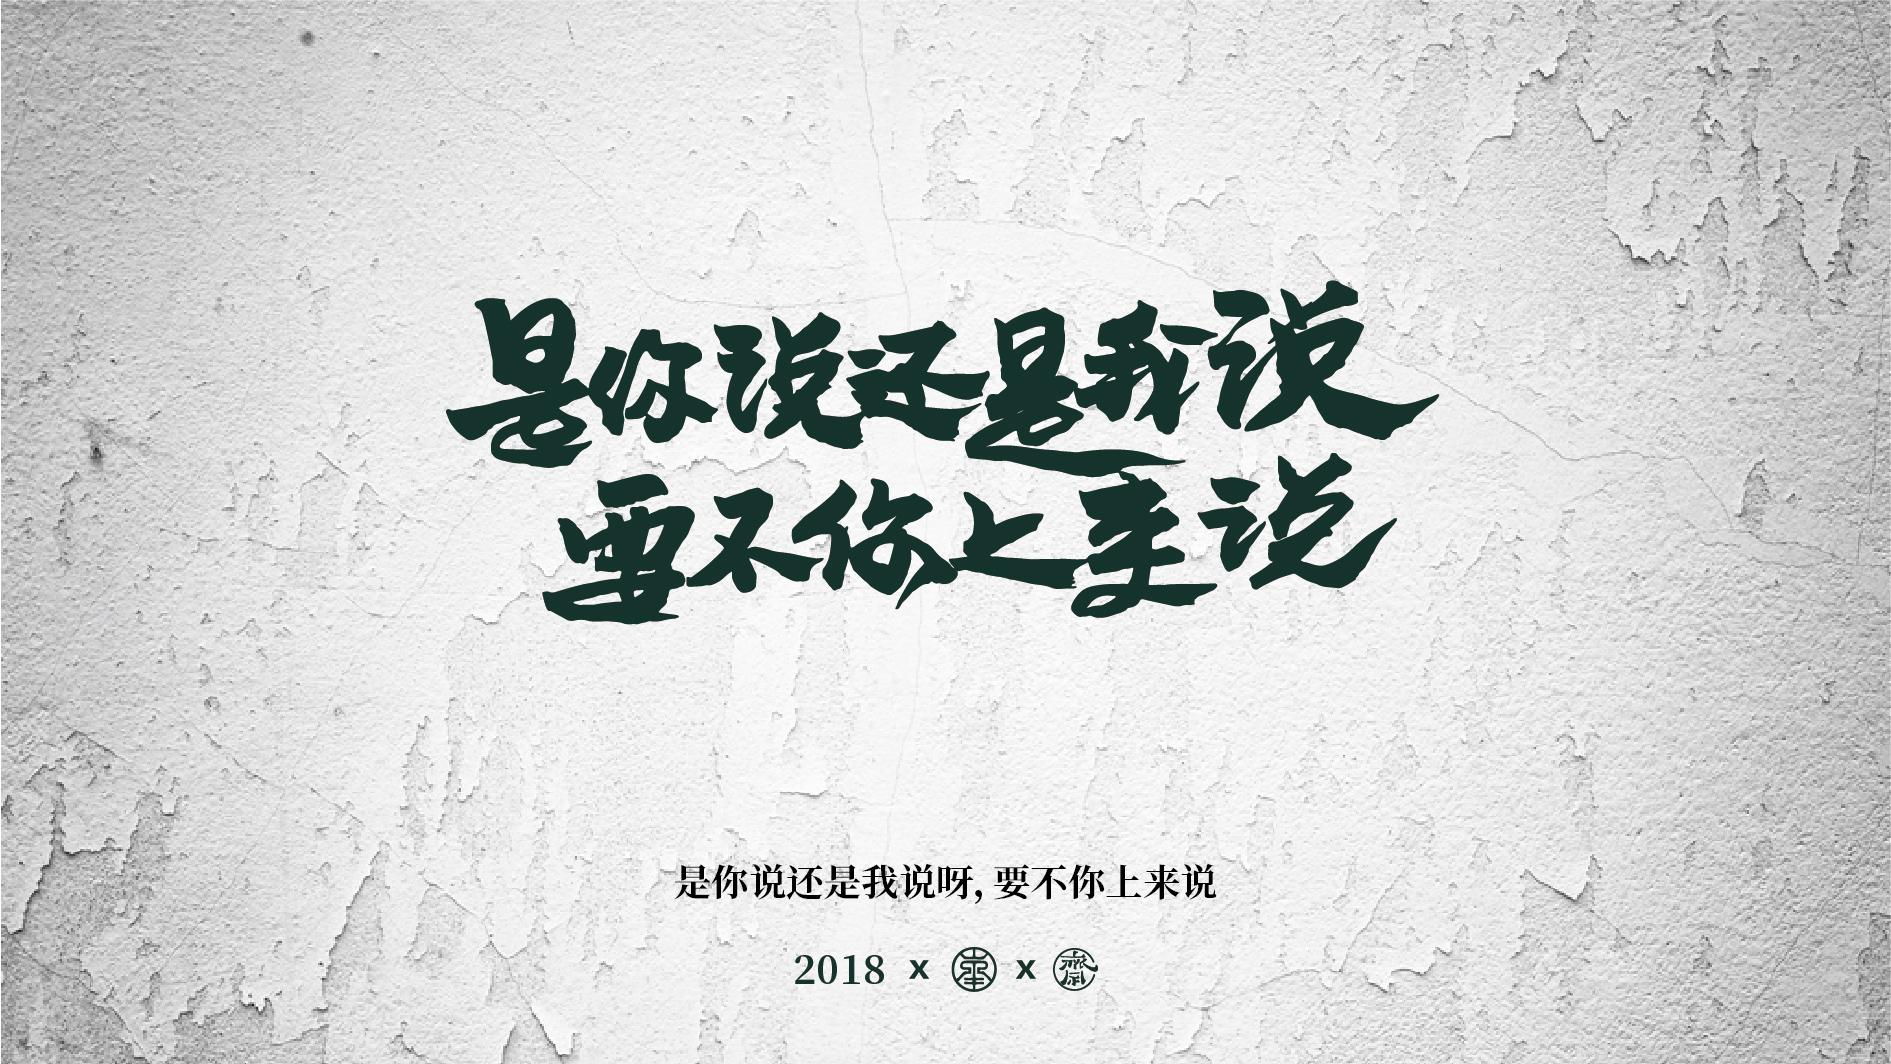 超超大神手写毛笔字第1波 之教师节系列插图(5)